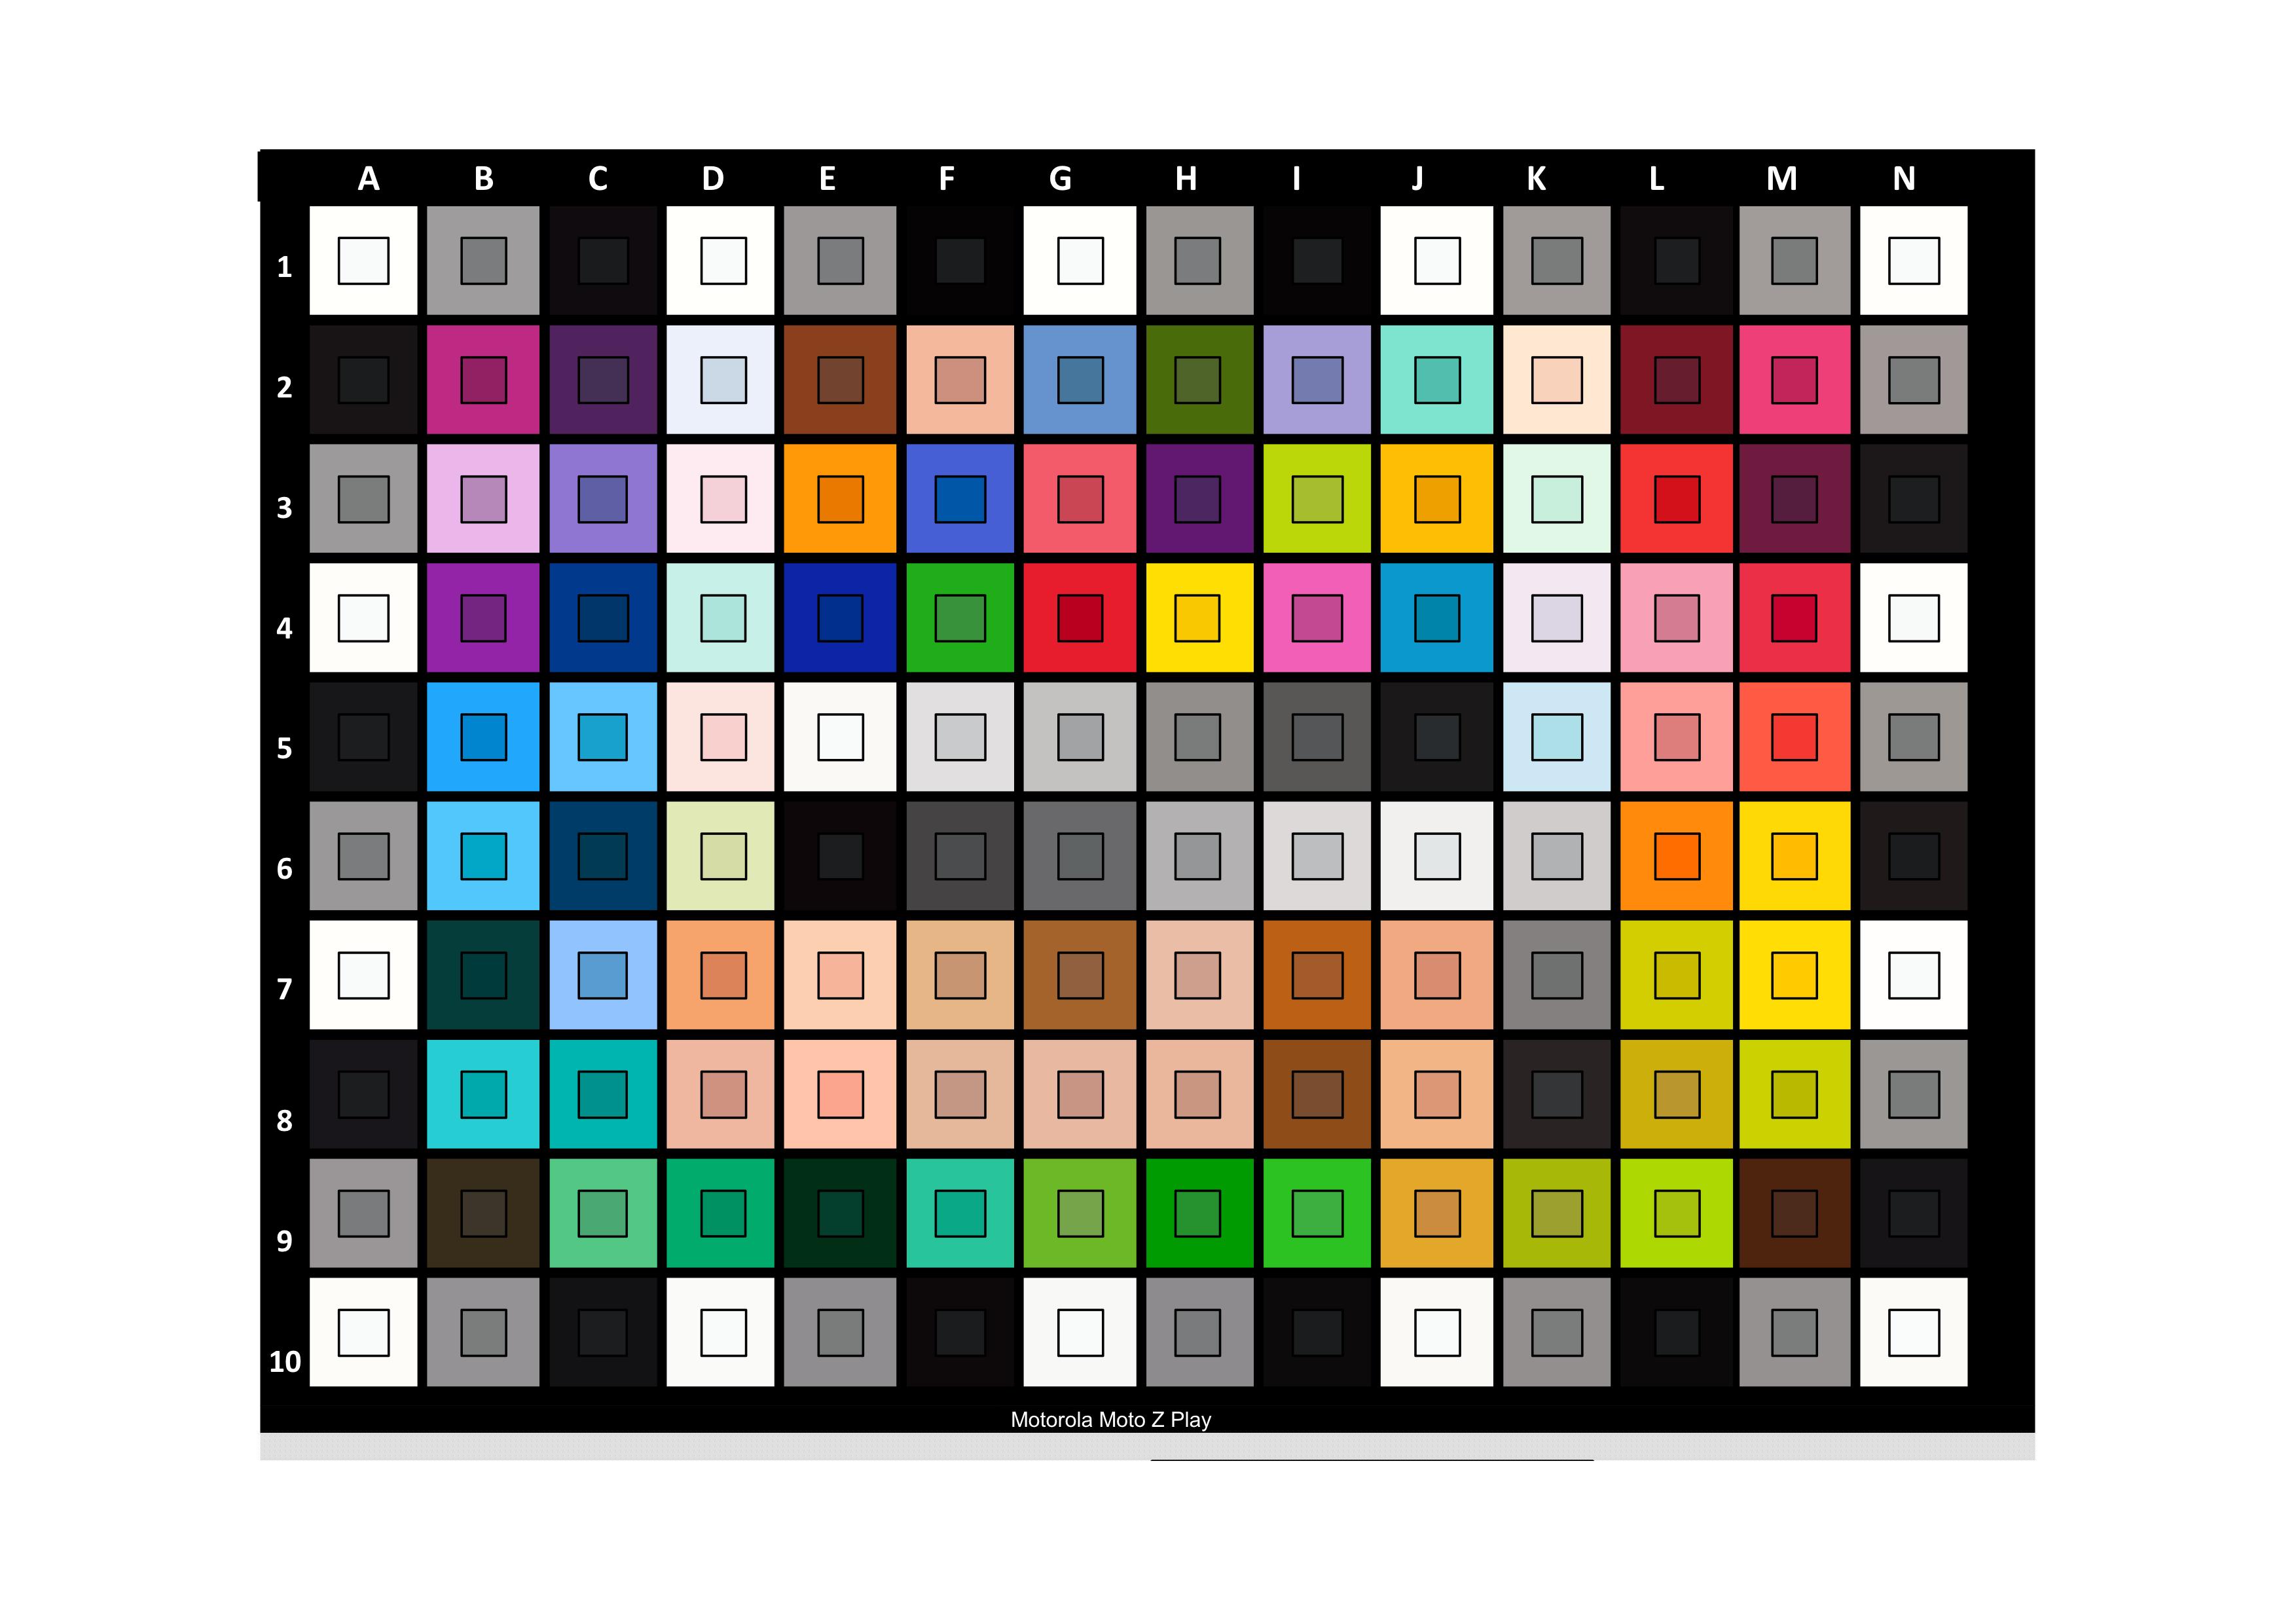 La mire de colorimétrie Color Checker du Lenovo Moto Z Play